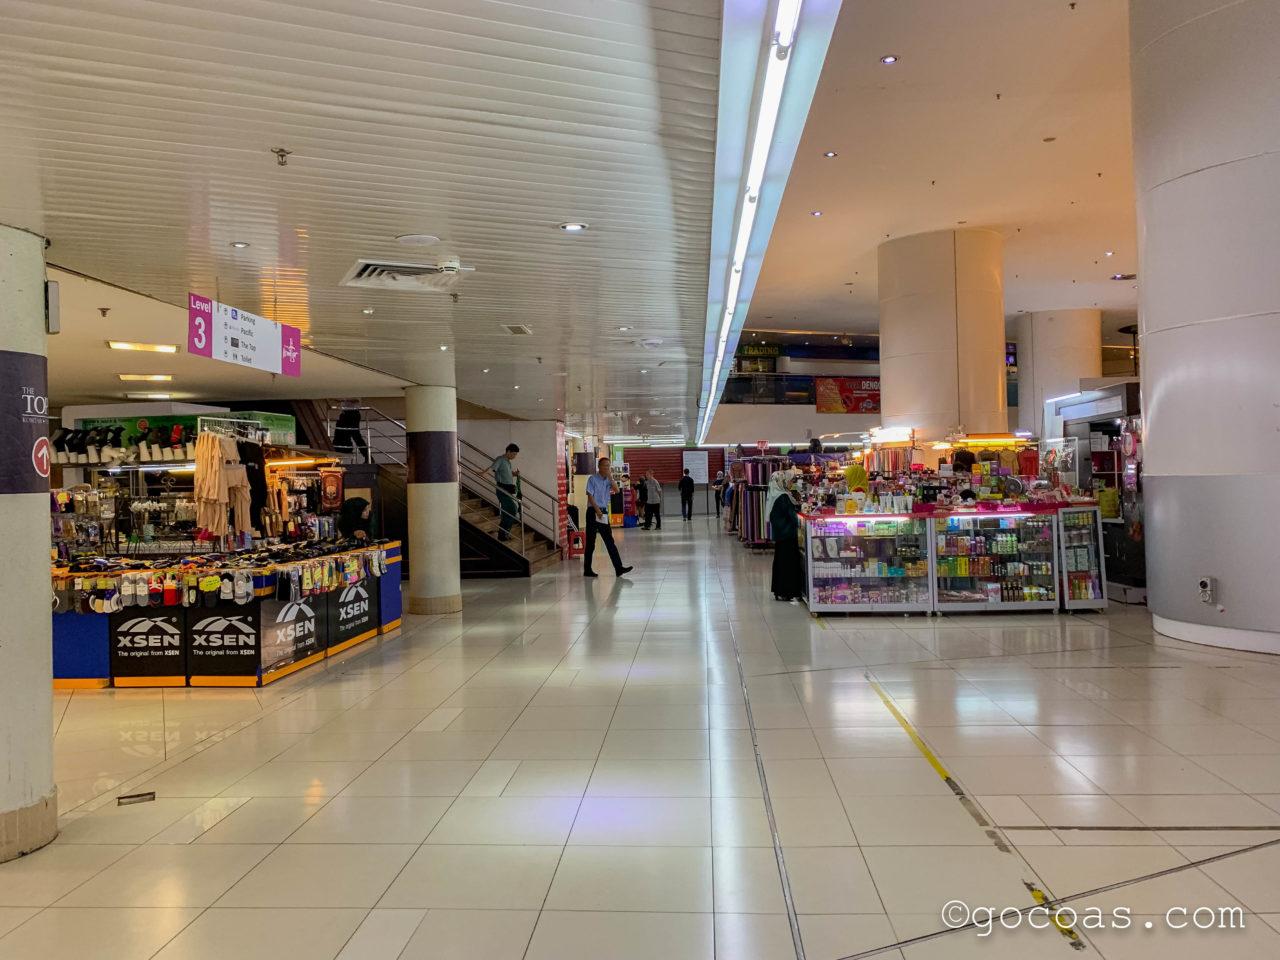 ショッピングモールKomtarの中に並ぶ商業施設